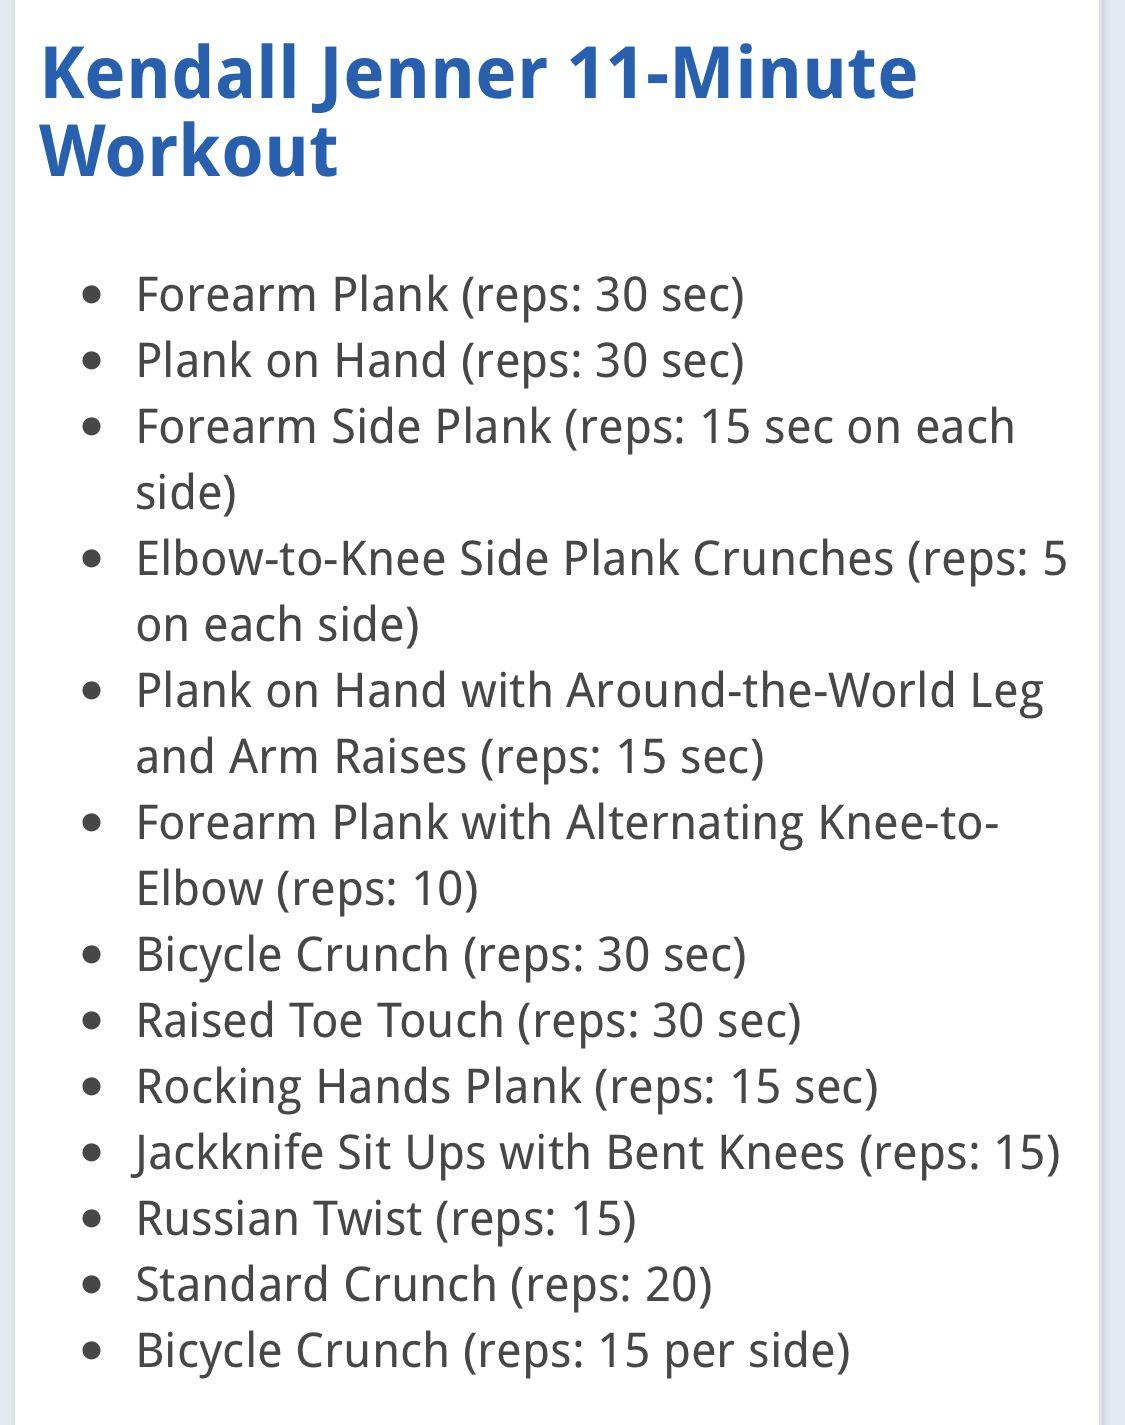 Victoria Secret Workout Plan : victoria, secret, workout, Victoria, Secret, Workout, Workout,, Model, Plan,